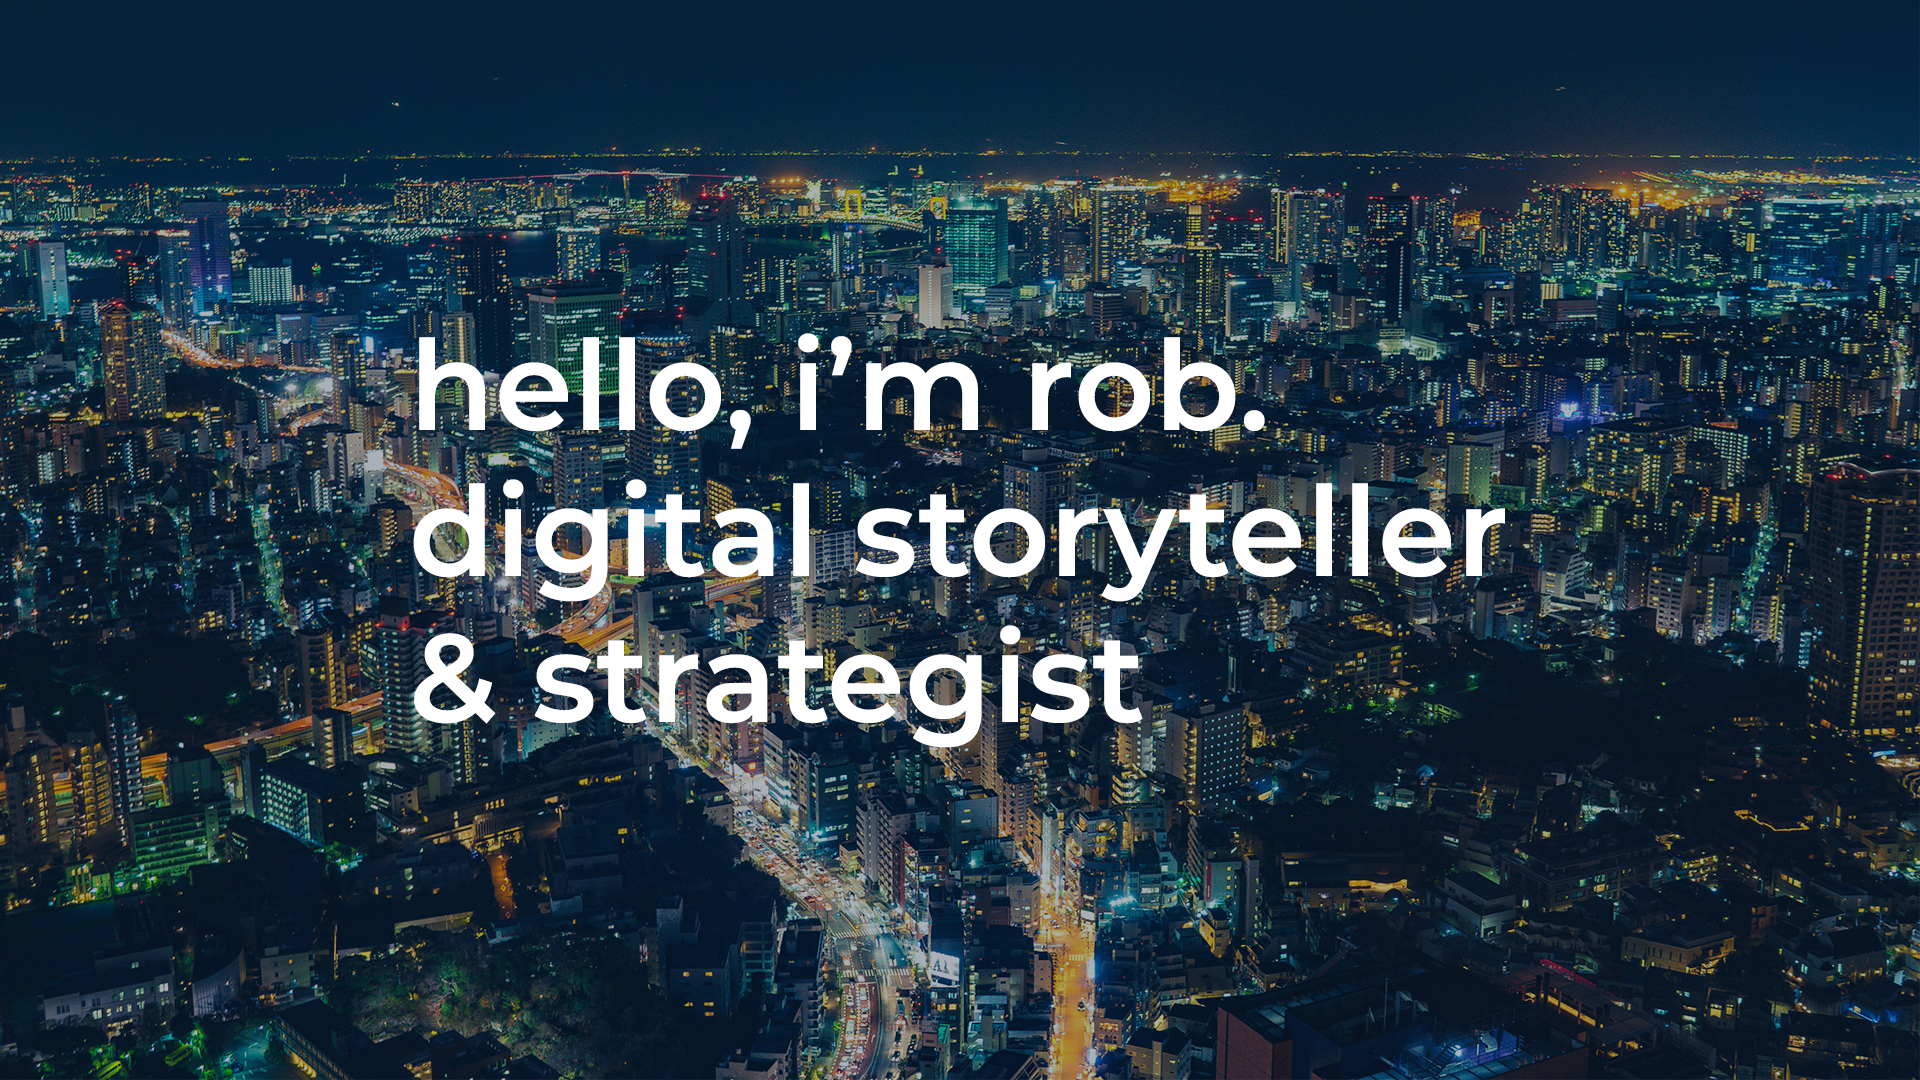 hello, i'm rob. digital storyteller and strategist